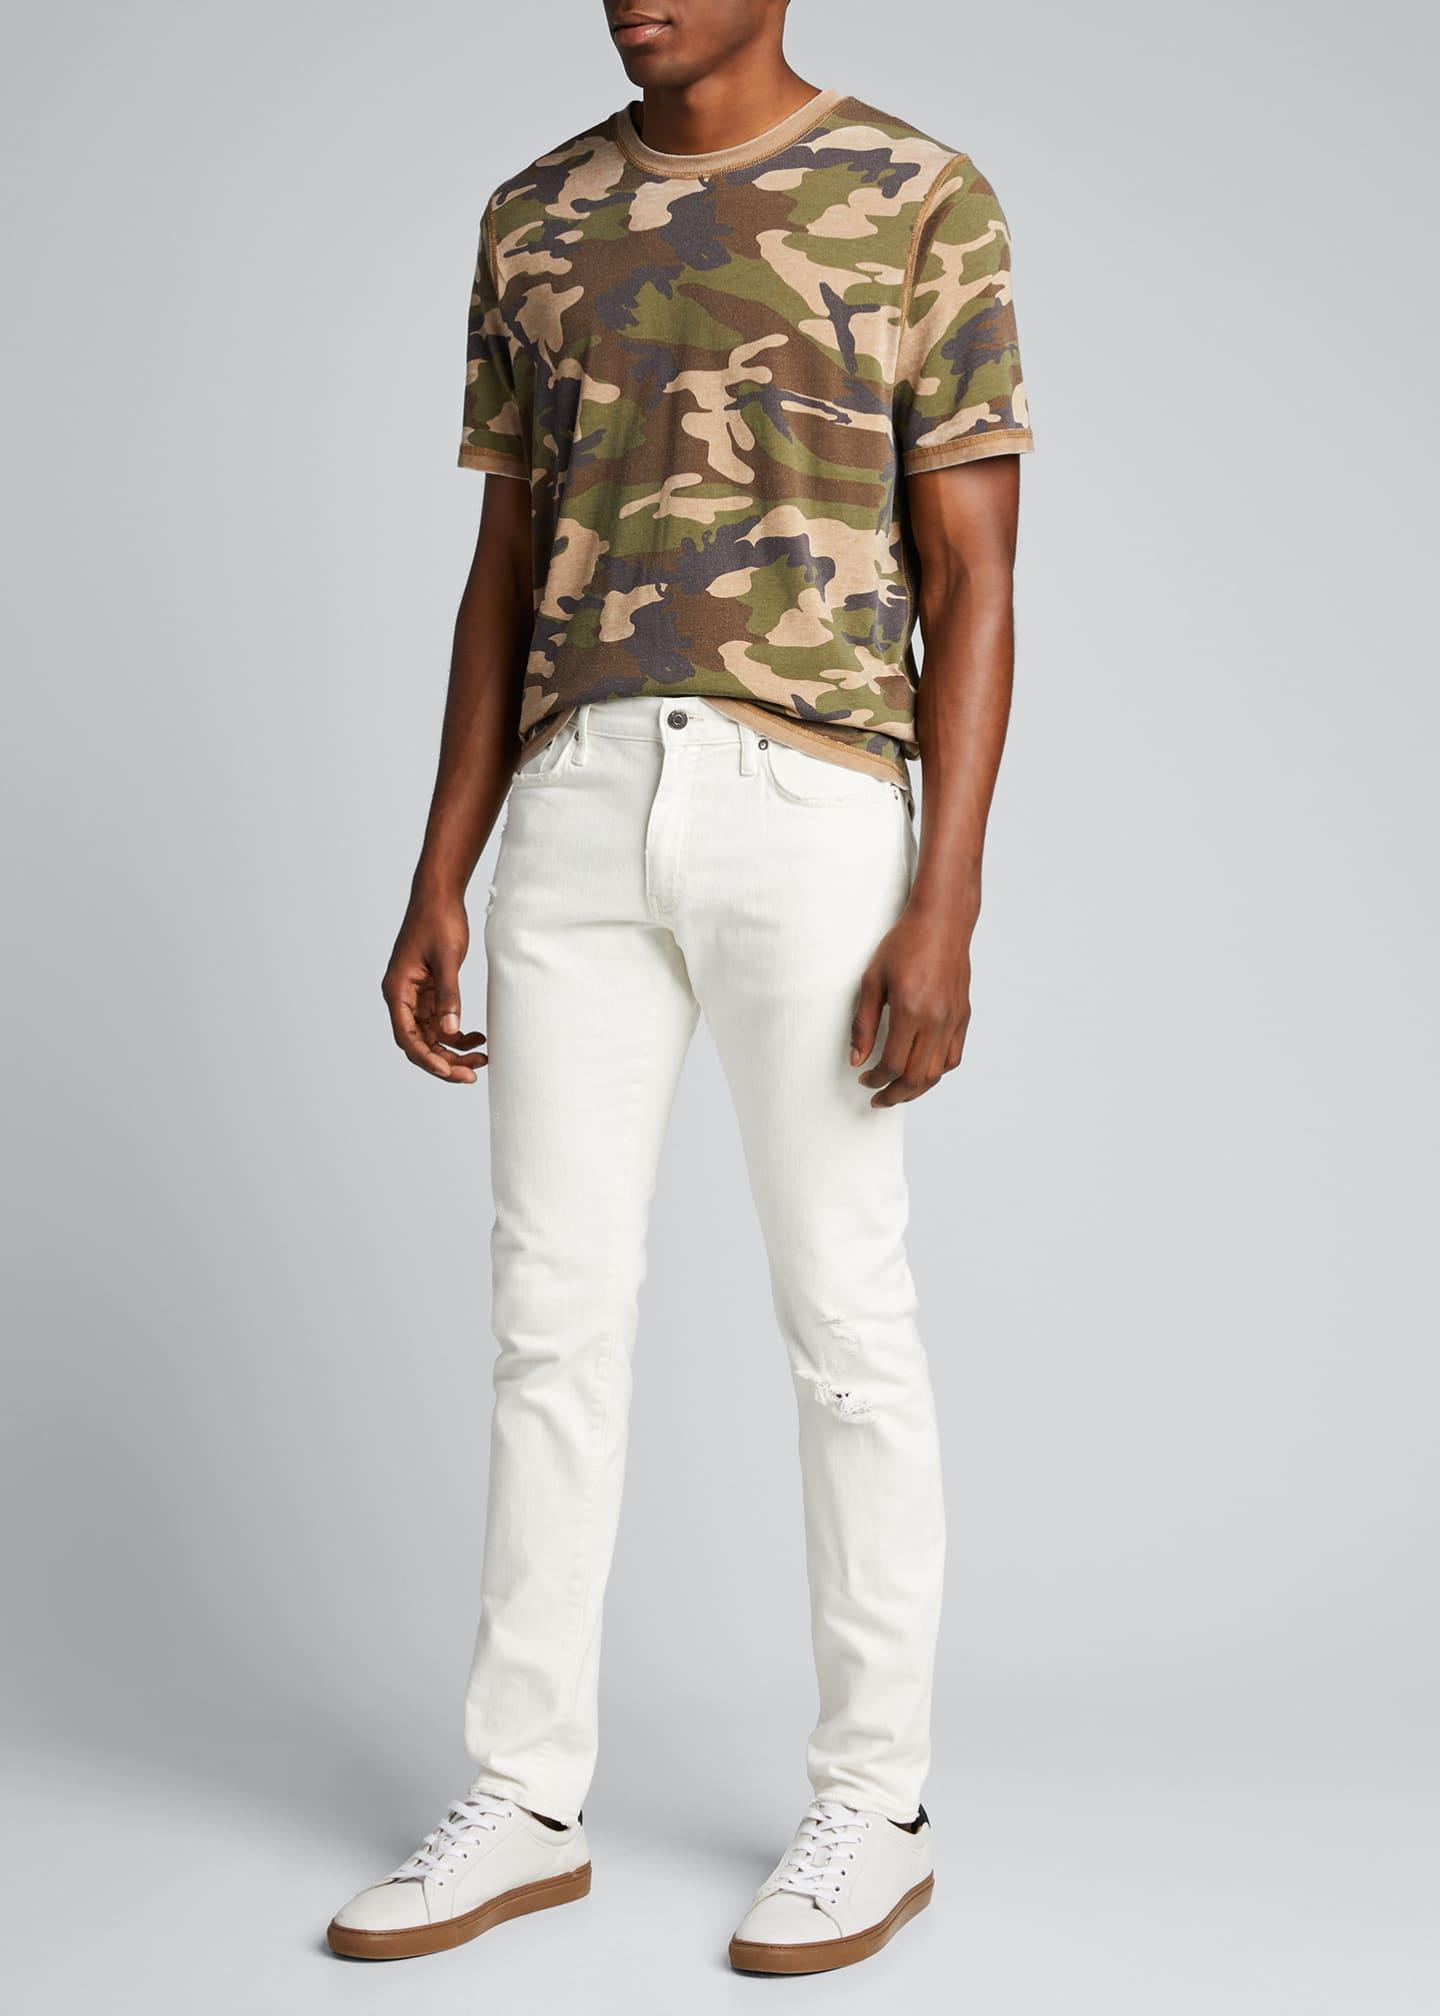 Ovadia & Sons Men's Slim Blanc Jean